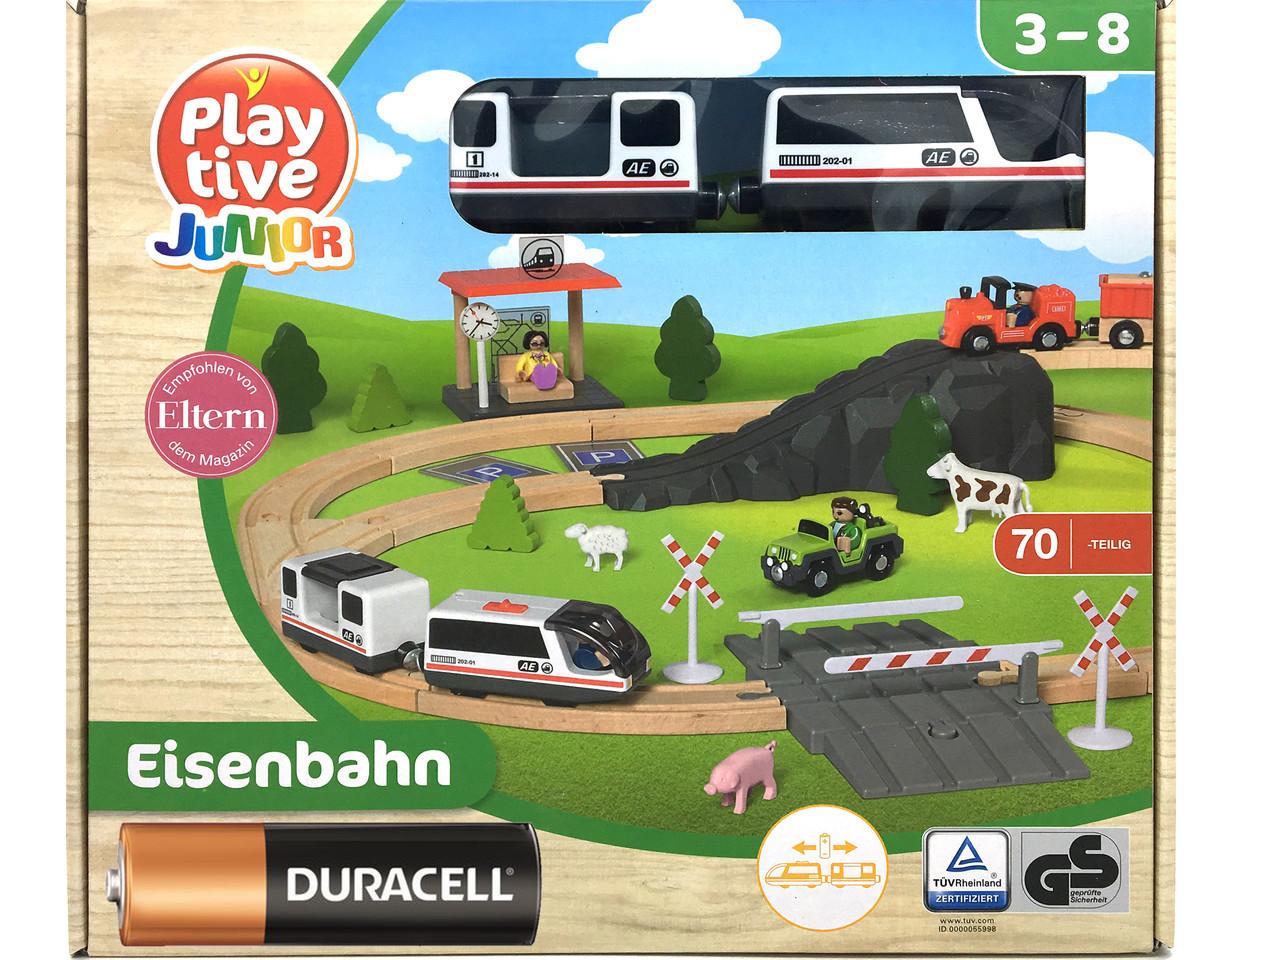 Дитяча дерев'яна залізниця PlayTive Junior (70 елементів) Німеччина